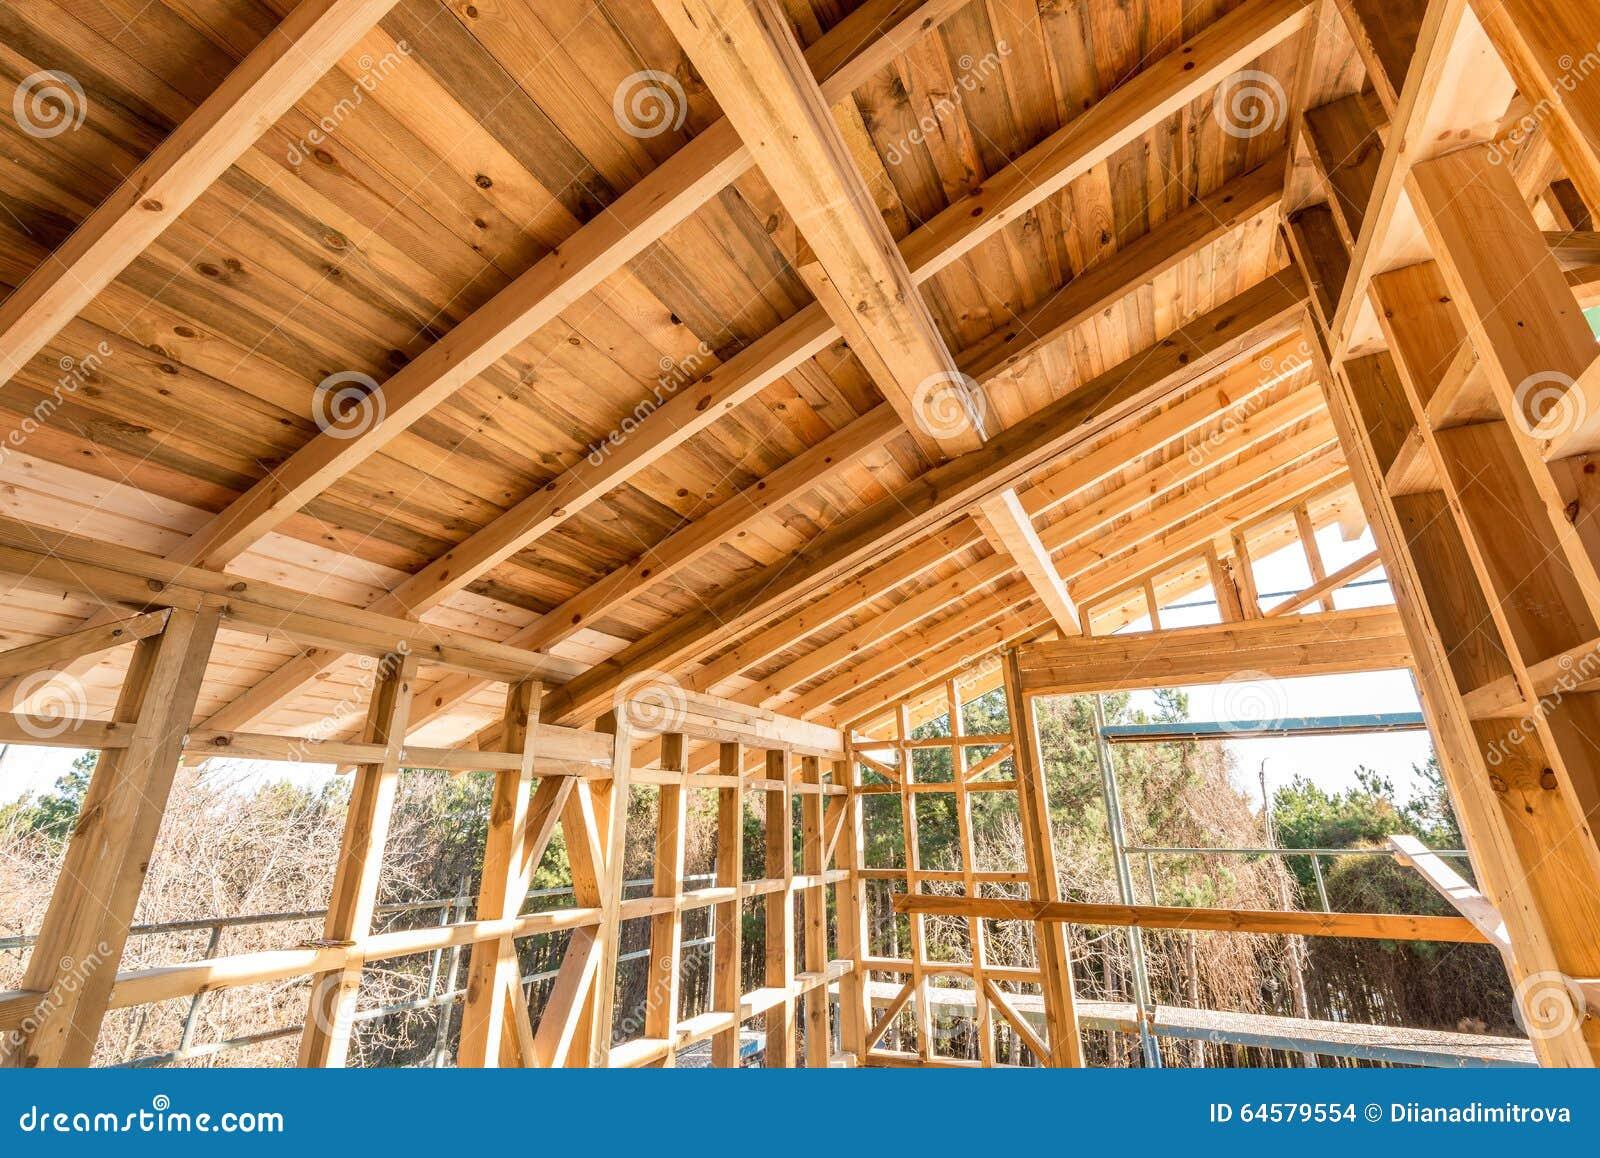 Een Nieuw Huis : Houten frame van een nieuw huis in aanbouw stock foto afbeelding